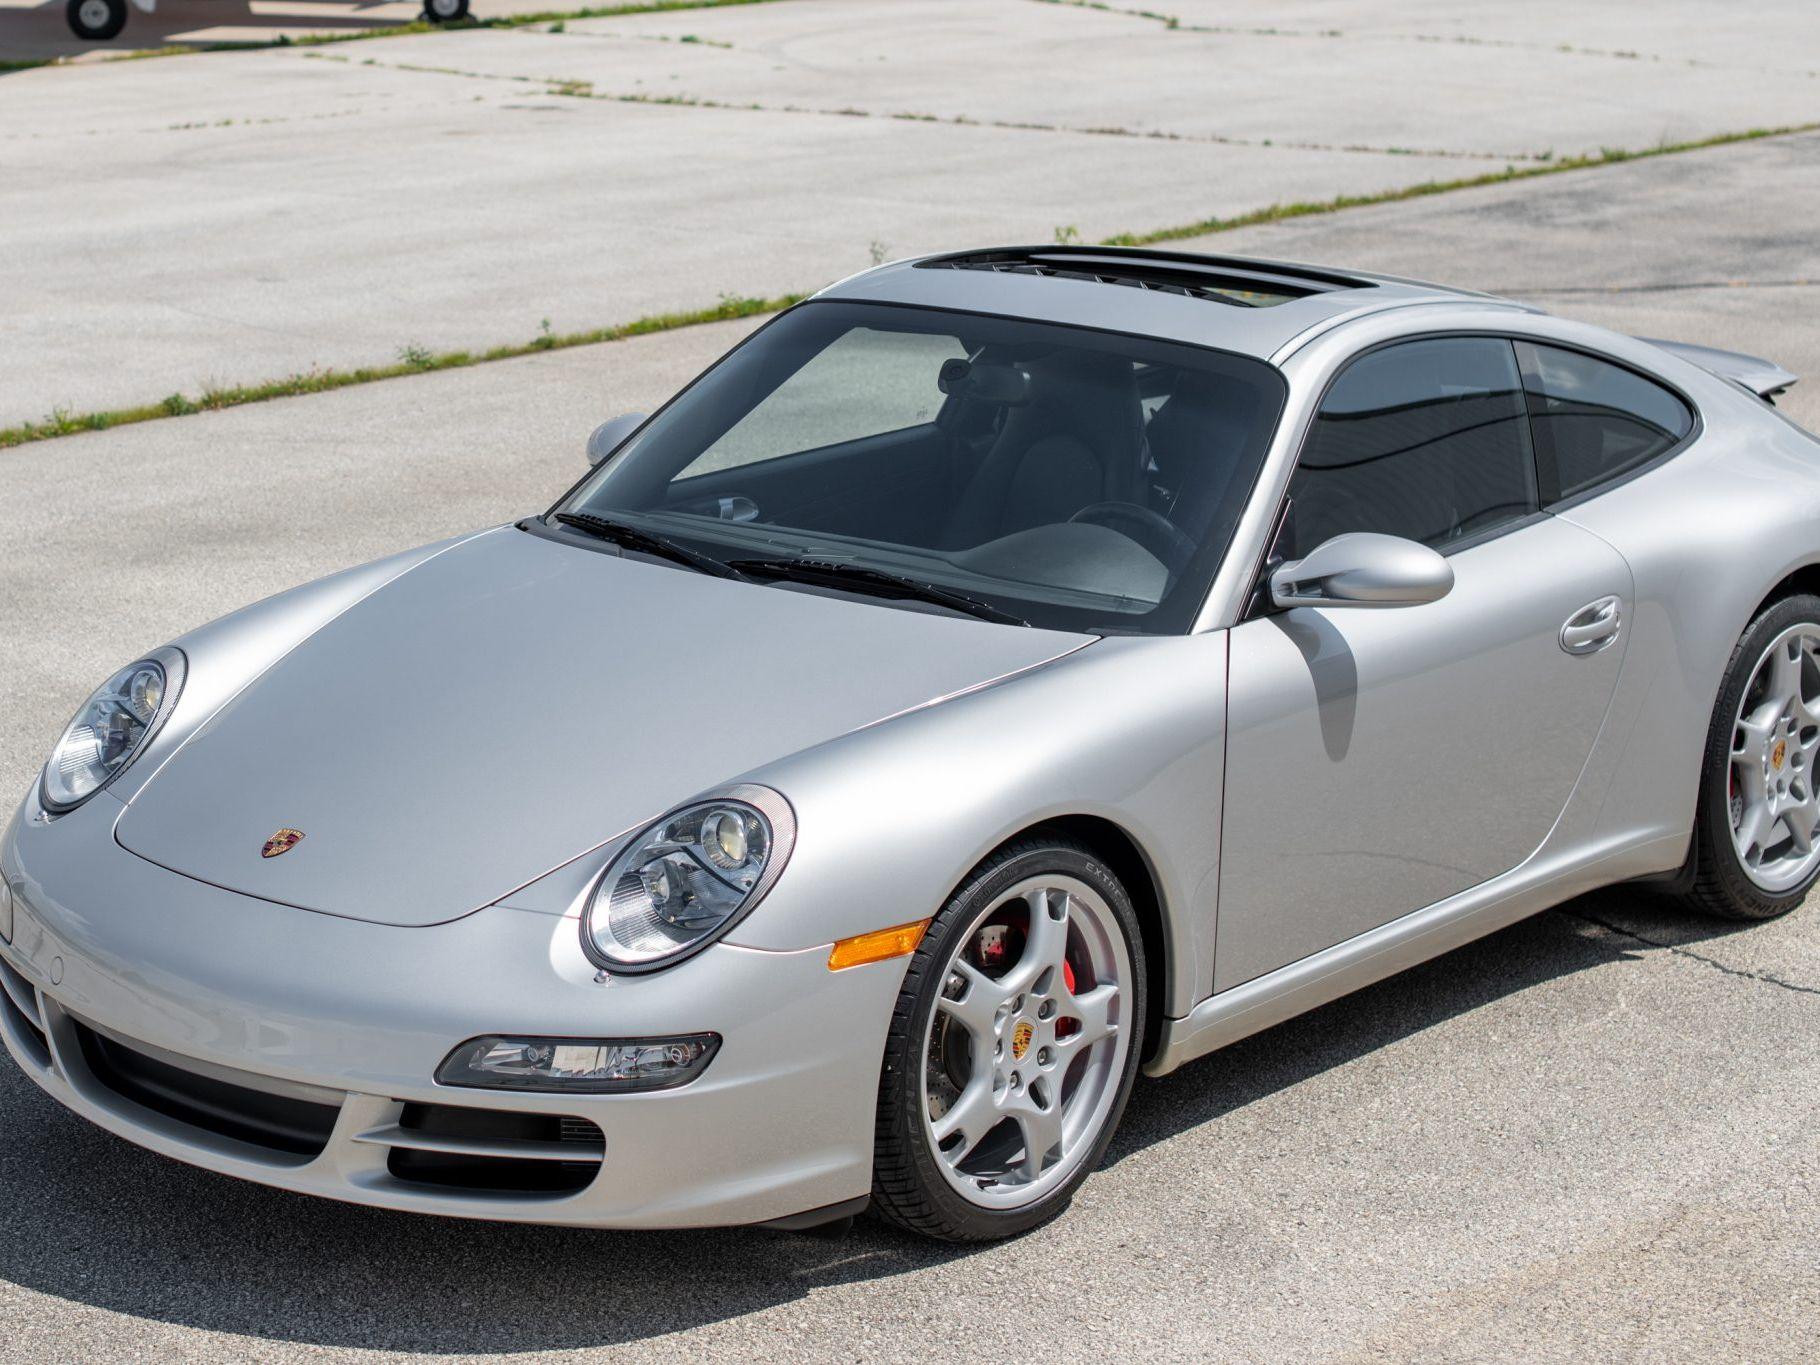 2006 Porsche 911 Carrera S 6-Speed